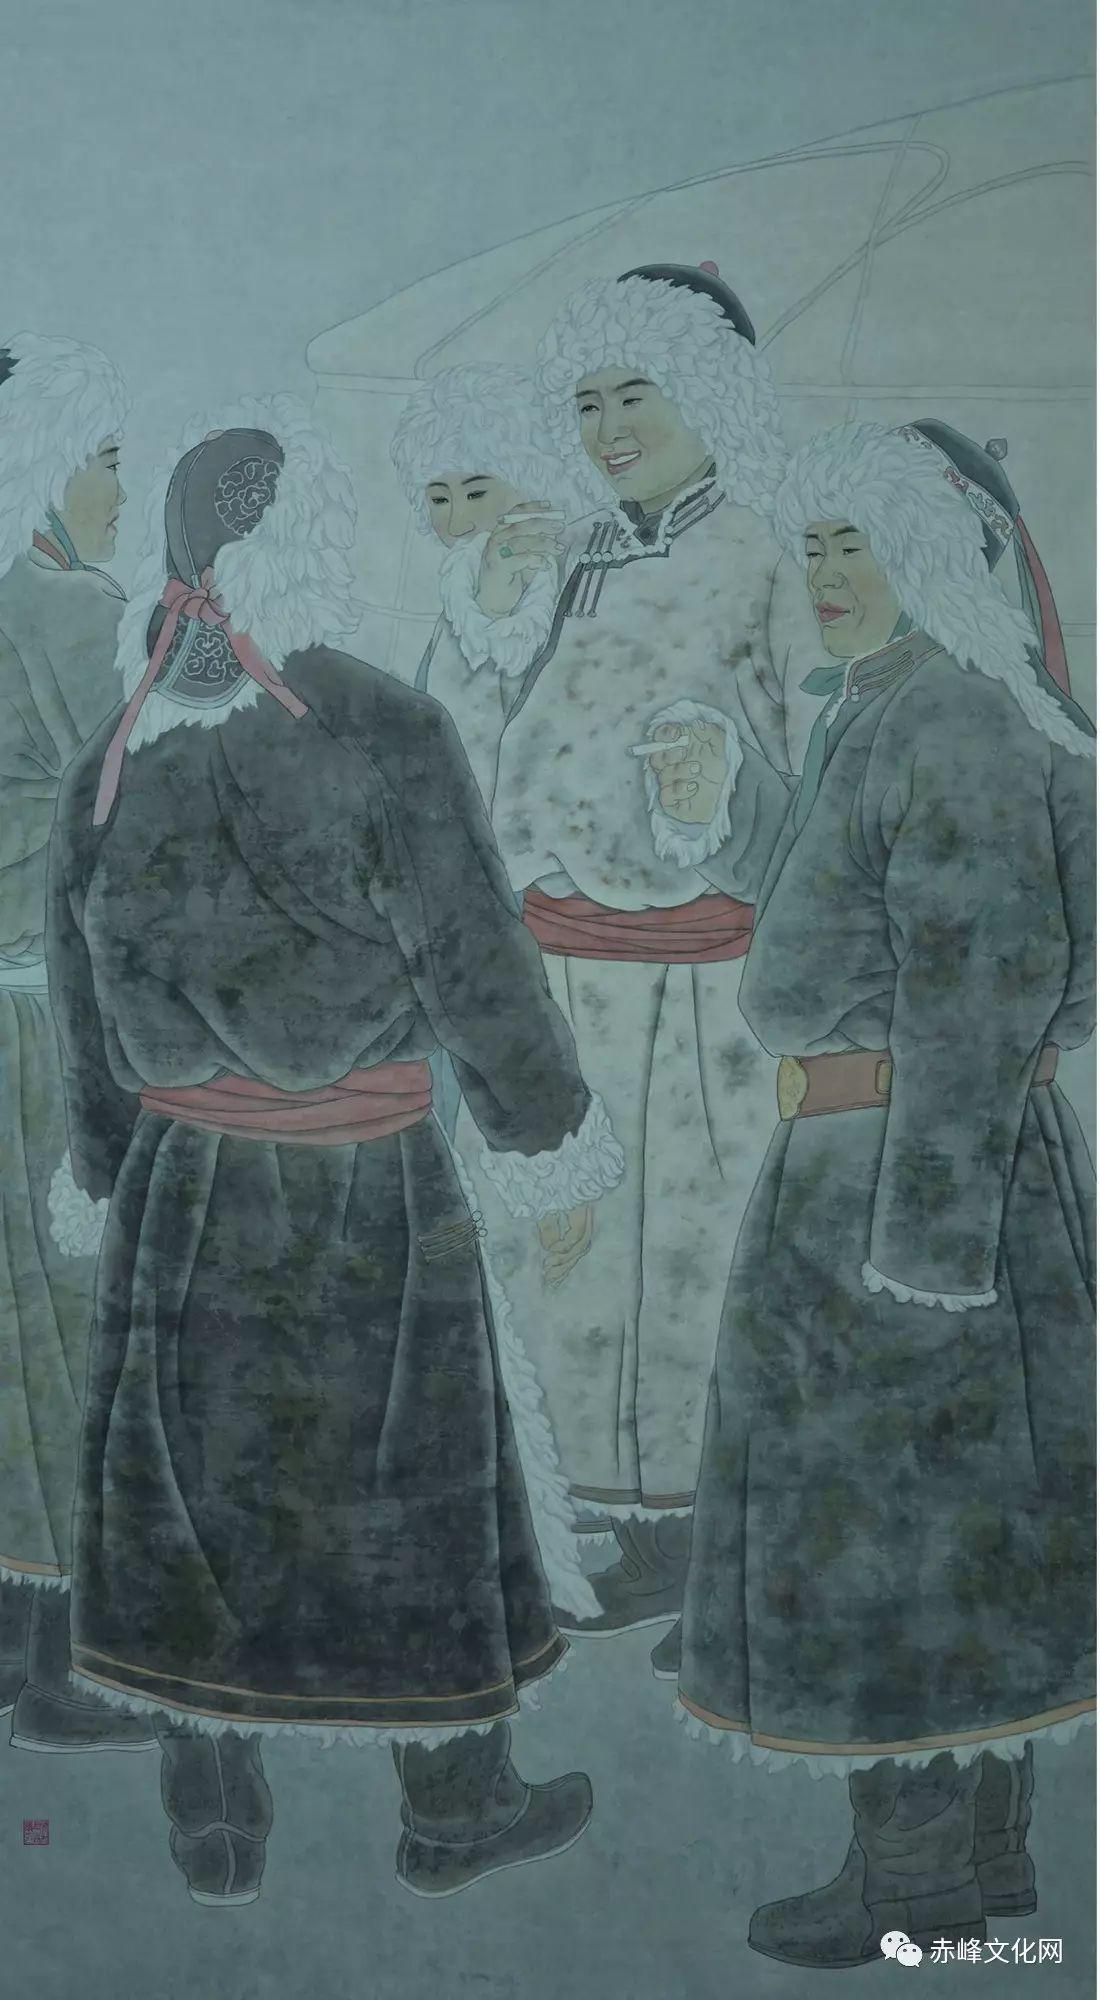 【文化赤峰】水墨丹青、栩栩如生——布和巴特尔国画展! 第6张